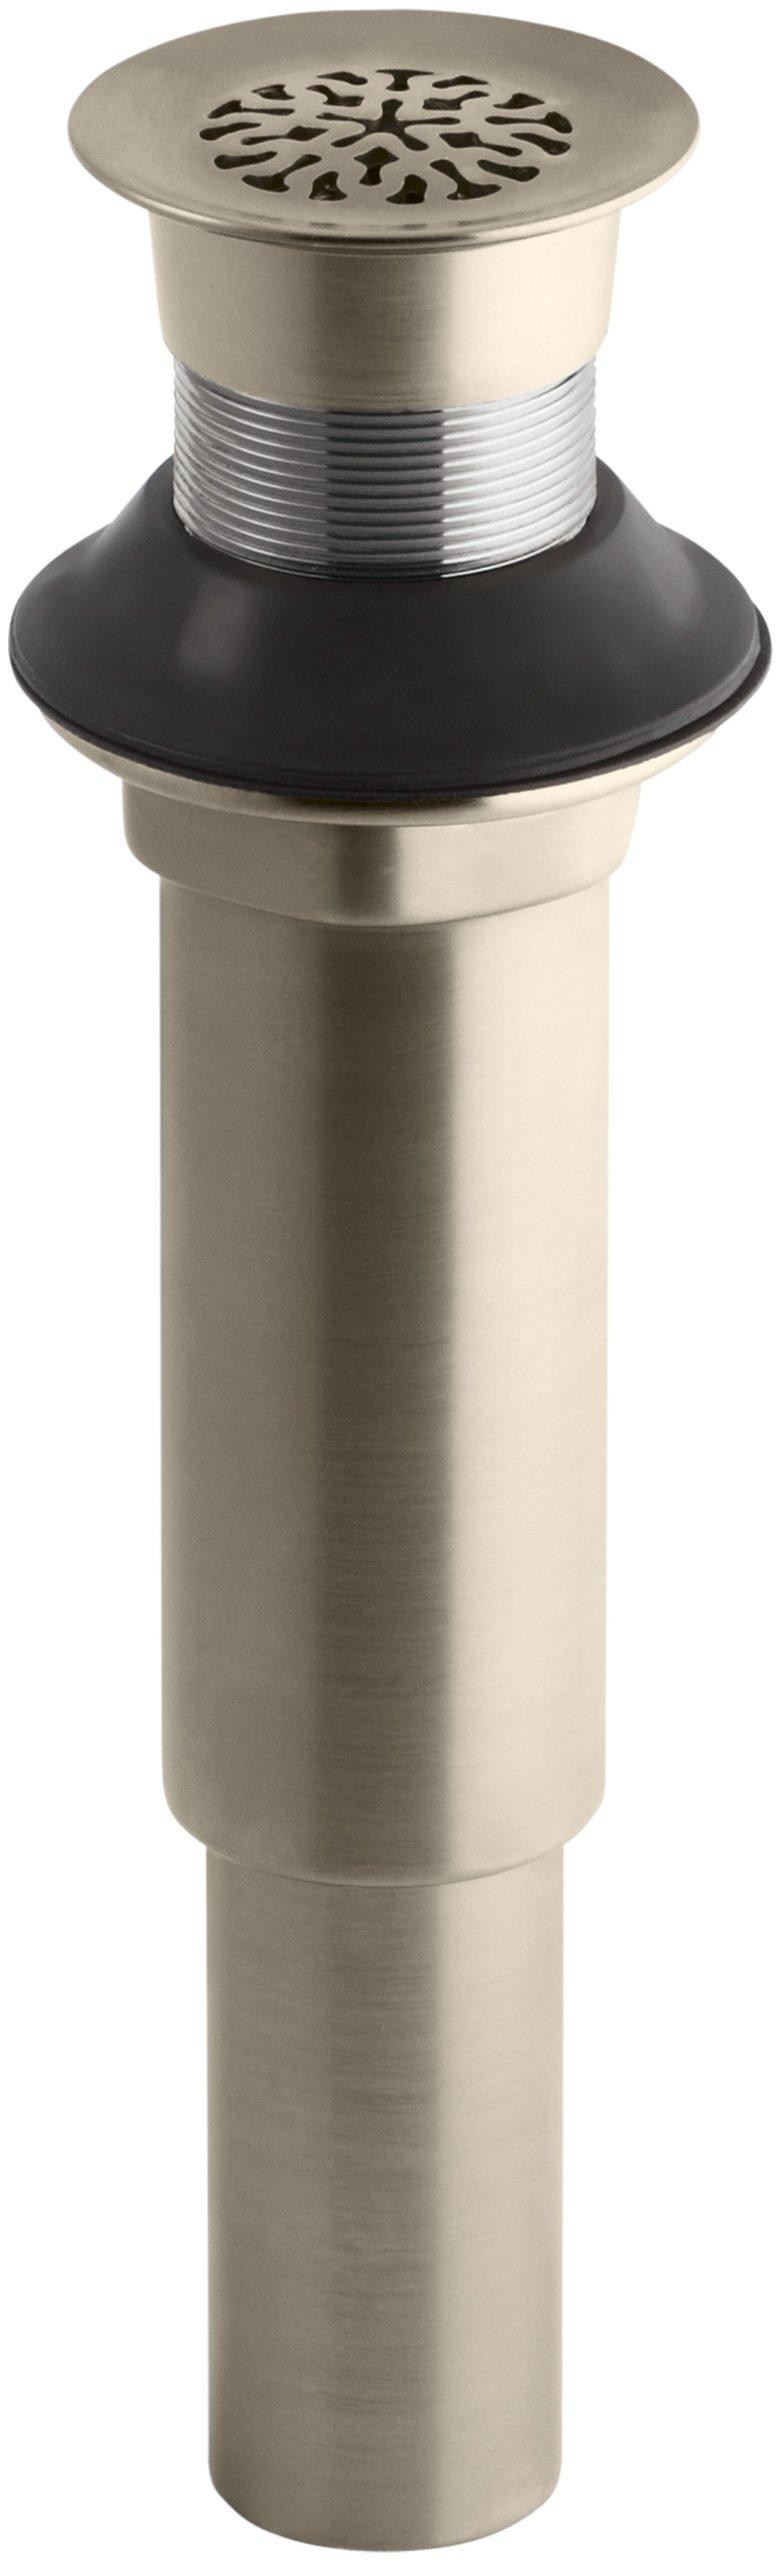 Kohler K-7108-BV Decorative Grid Drain without Overflow, Vibrant Brushed Bronze